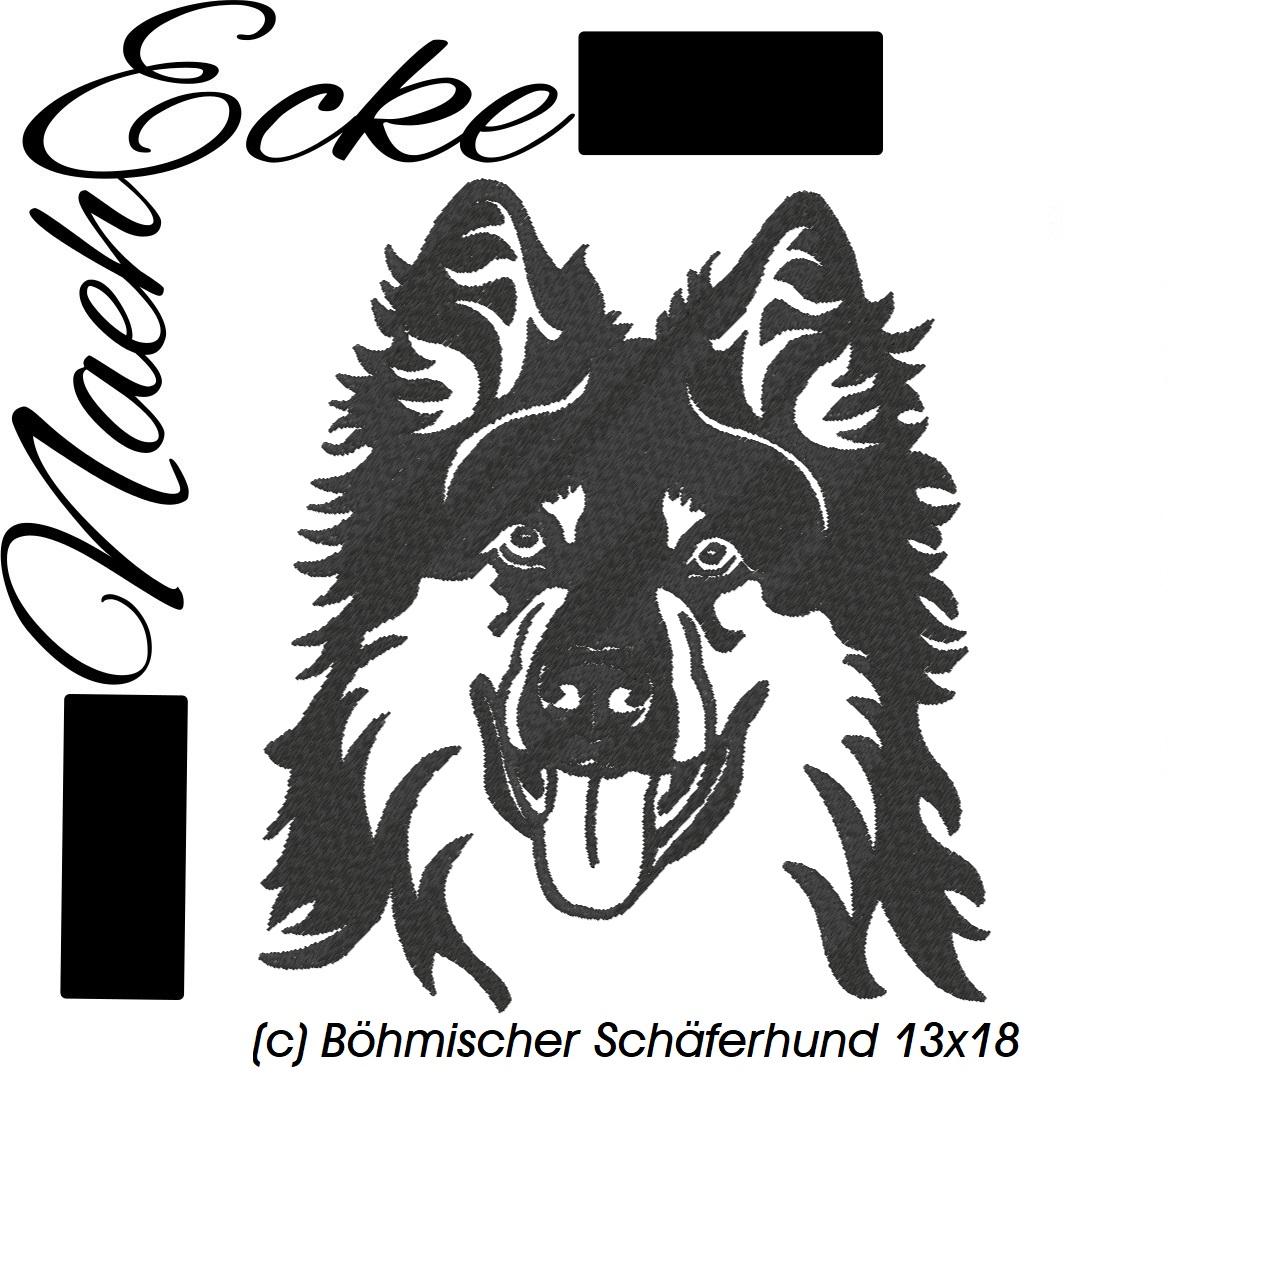 Böhmischer Schäferhund